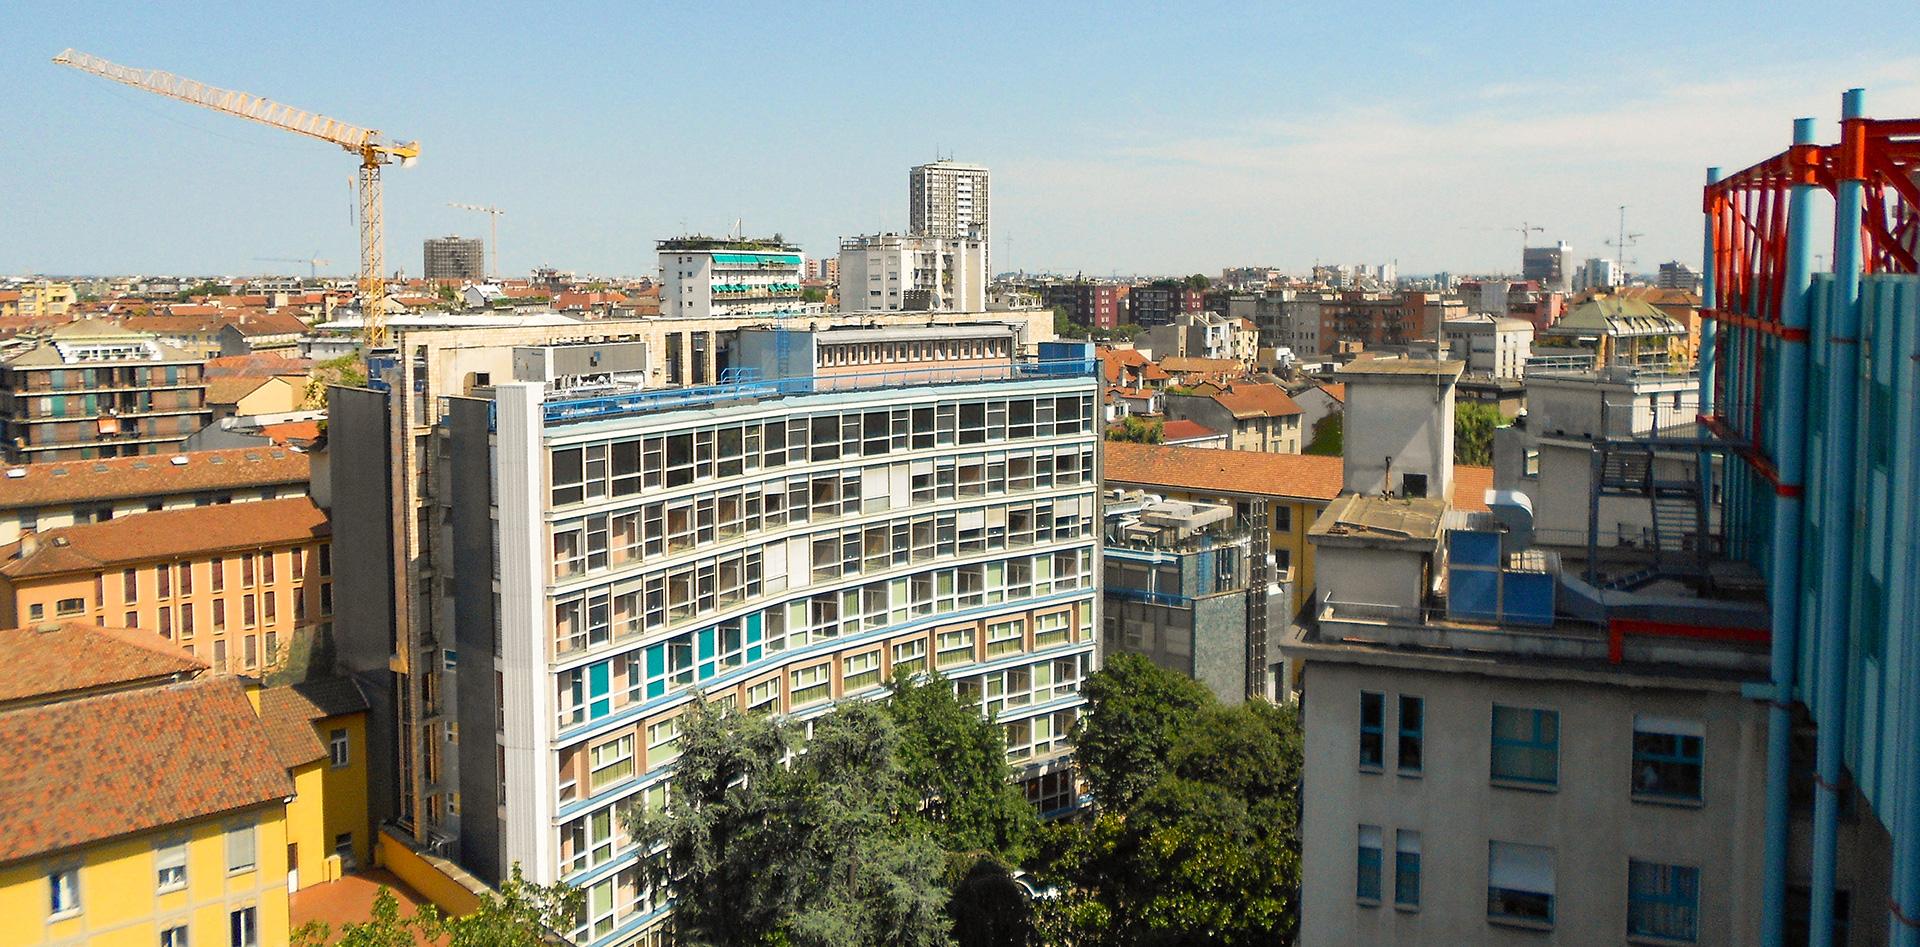 La Casa di Cura La Madonnina, Binini Partners, Società di architettura e ingegneria